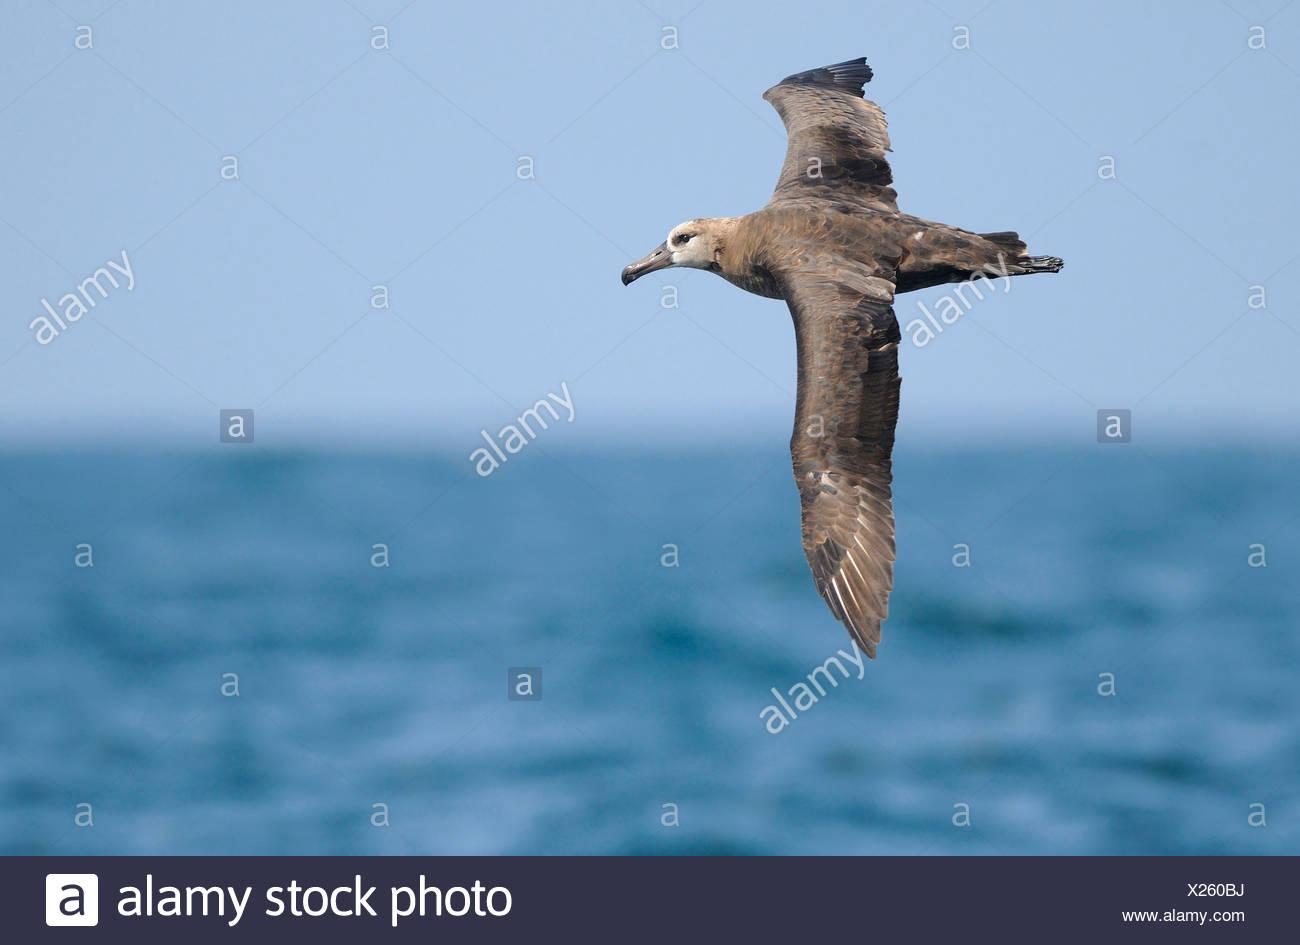 L'Albatros à pieds noirs sur sortie pélagique au large de Westport WA Photo Stock